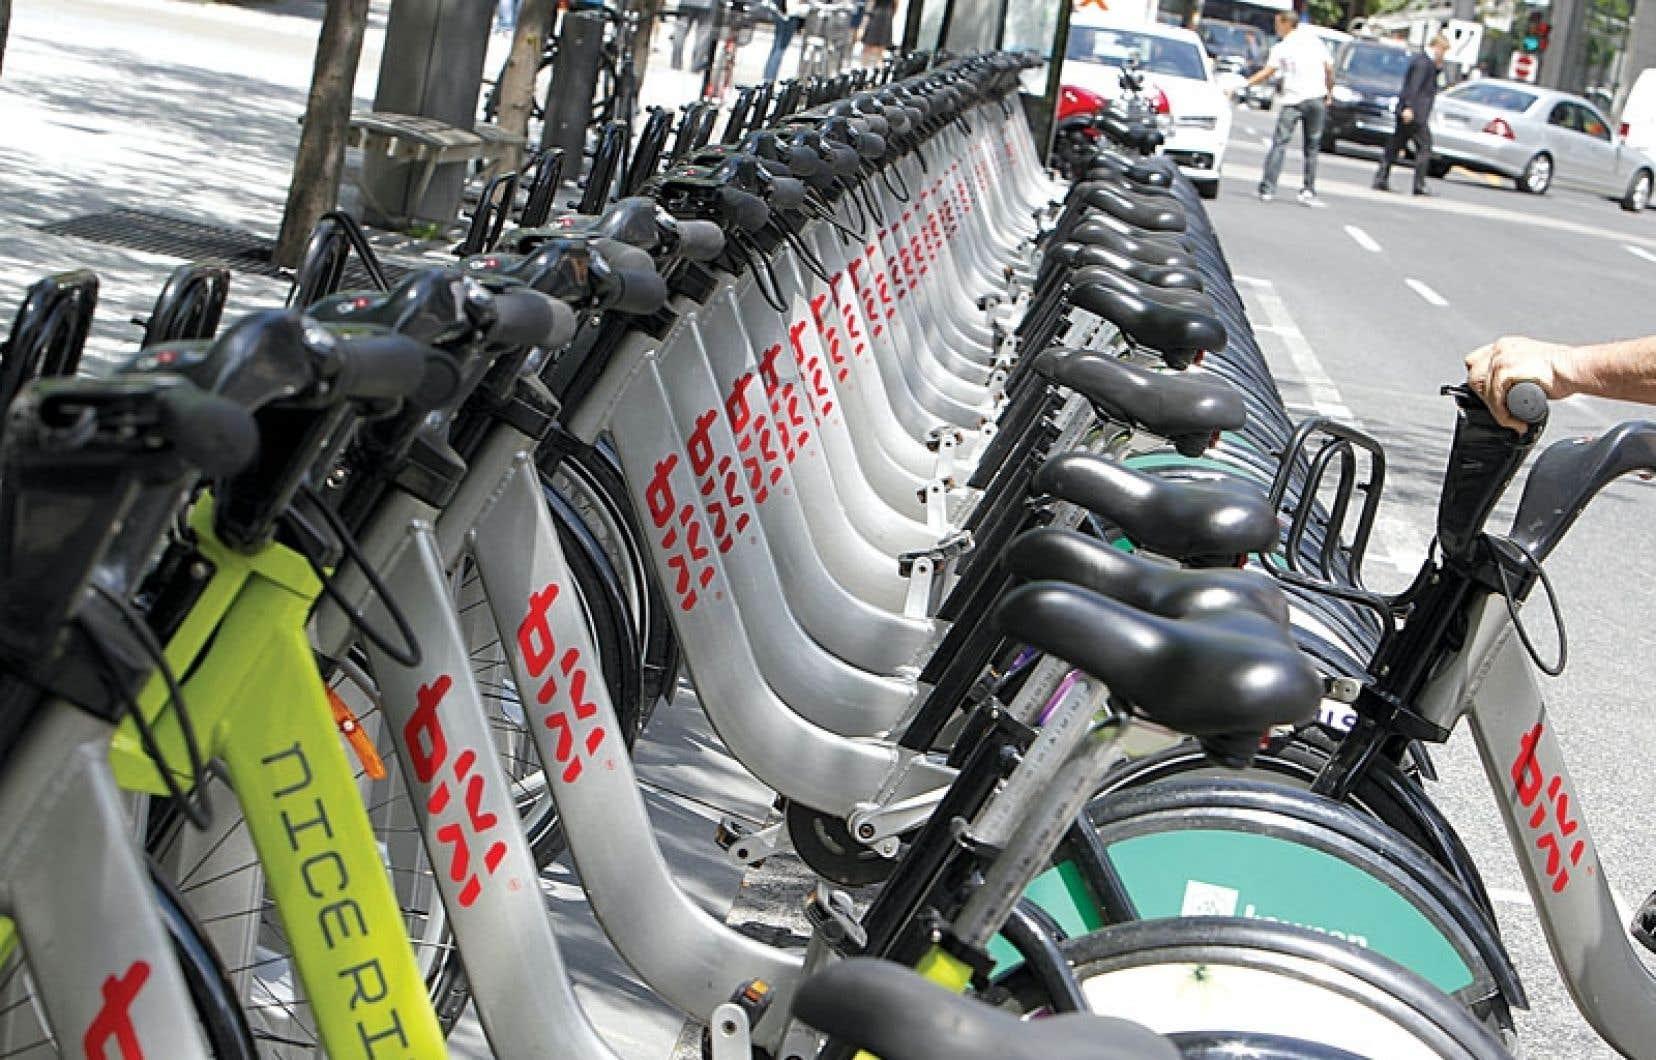 La SVLS, la société gérant le parc de vélos Bixi, traîne une dette de 42 millions.